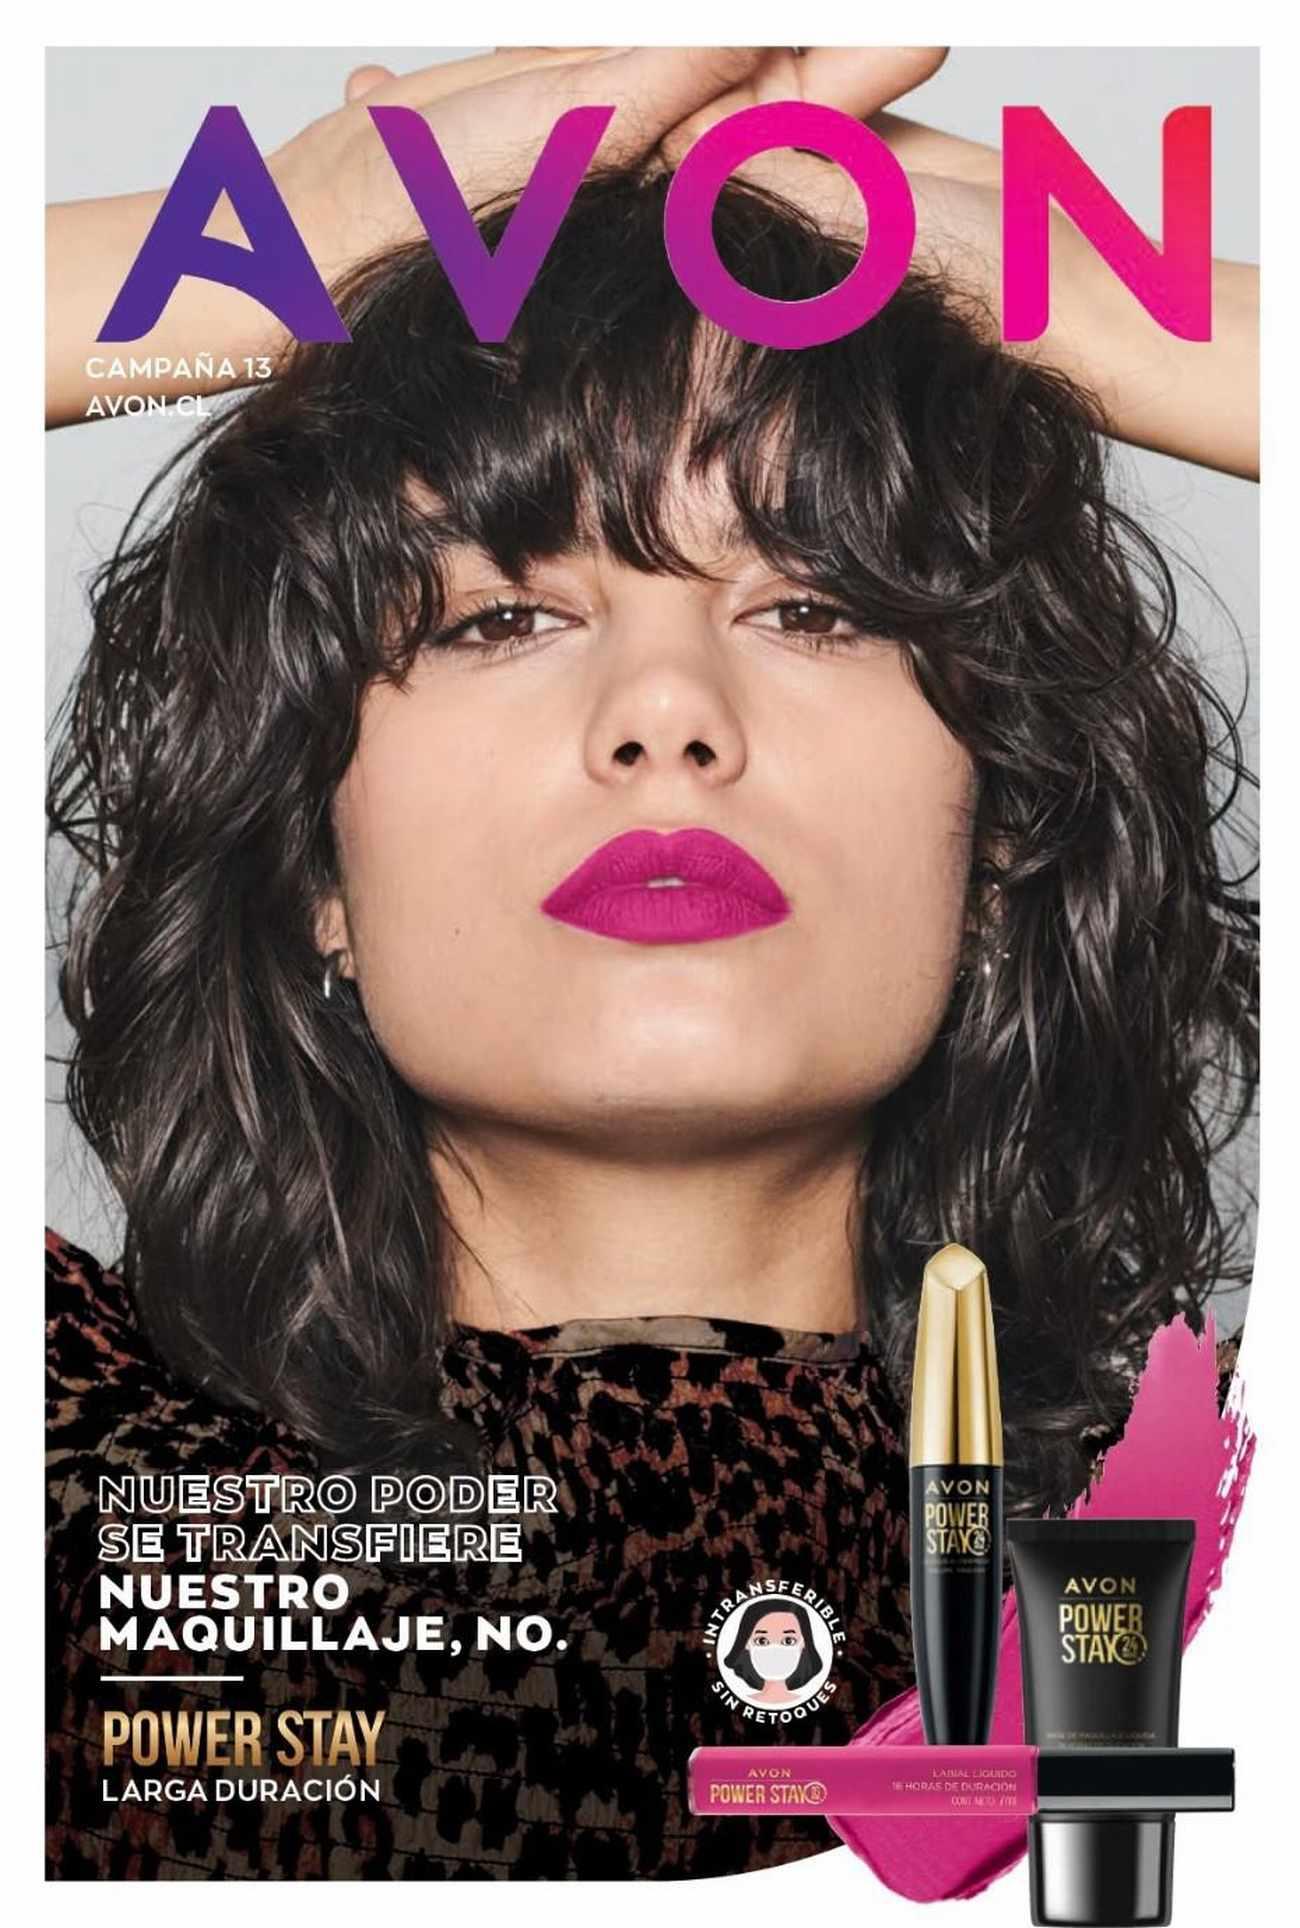 Catálogo Avon Campaña 13 2021 Chile